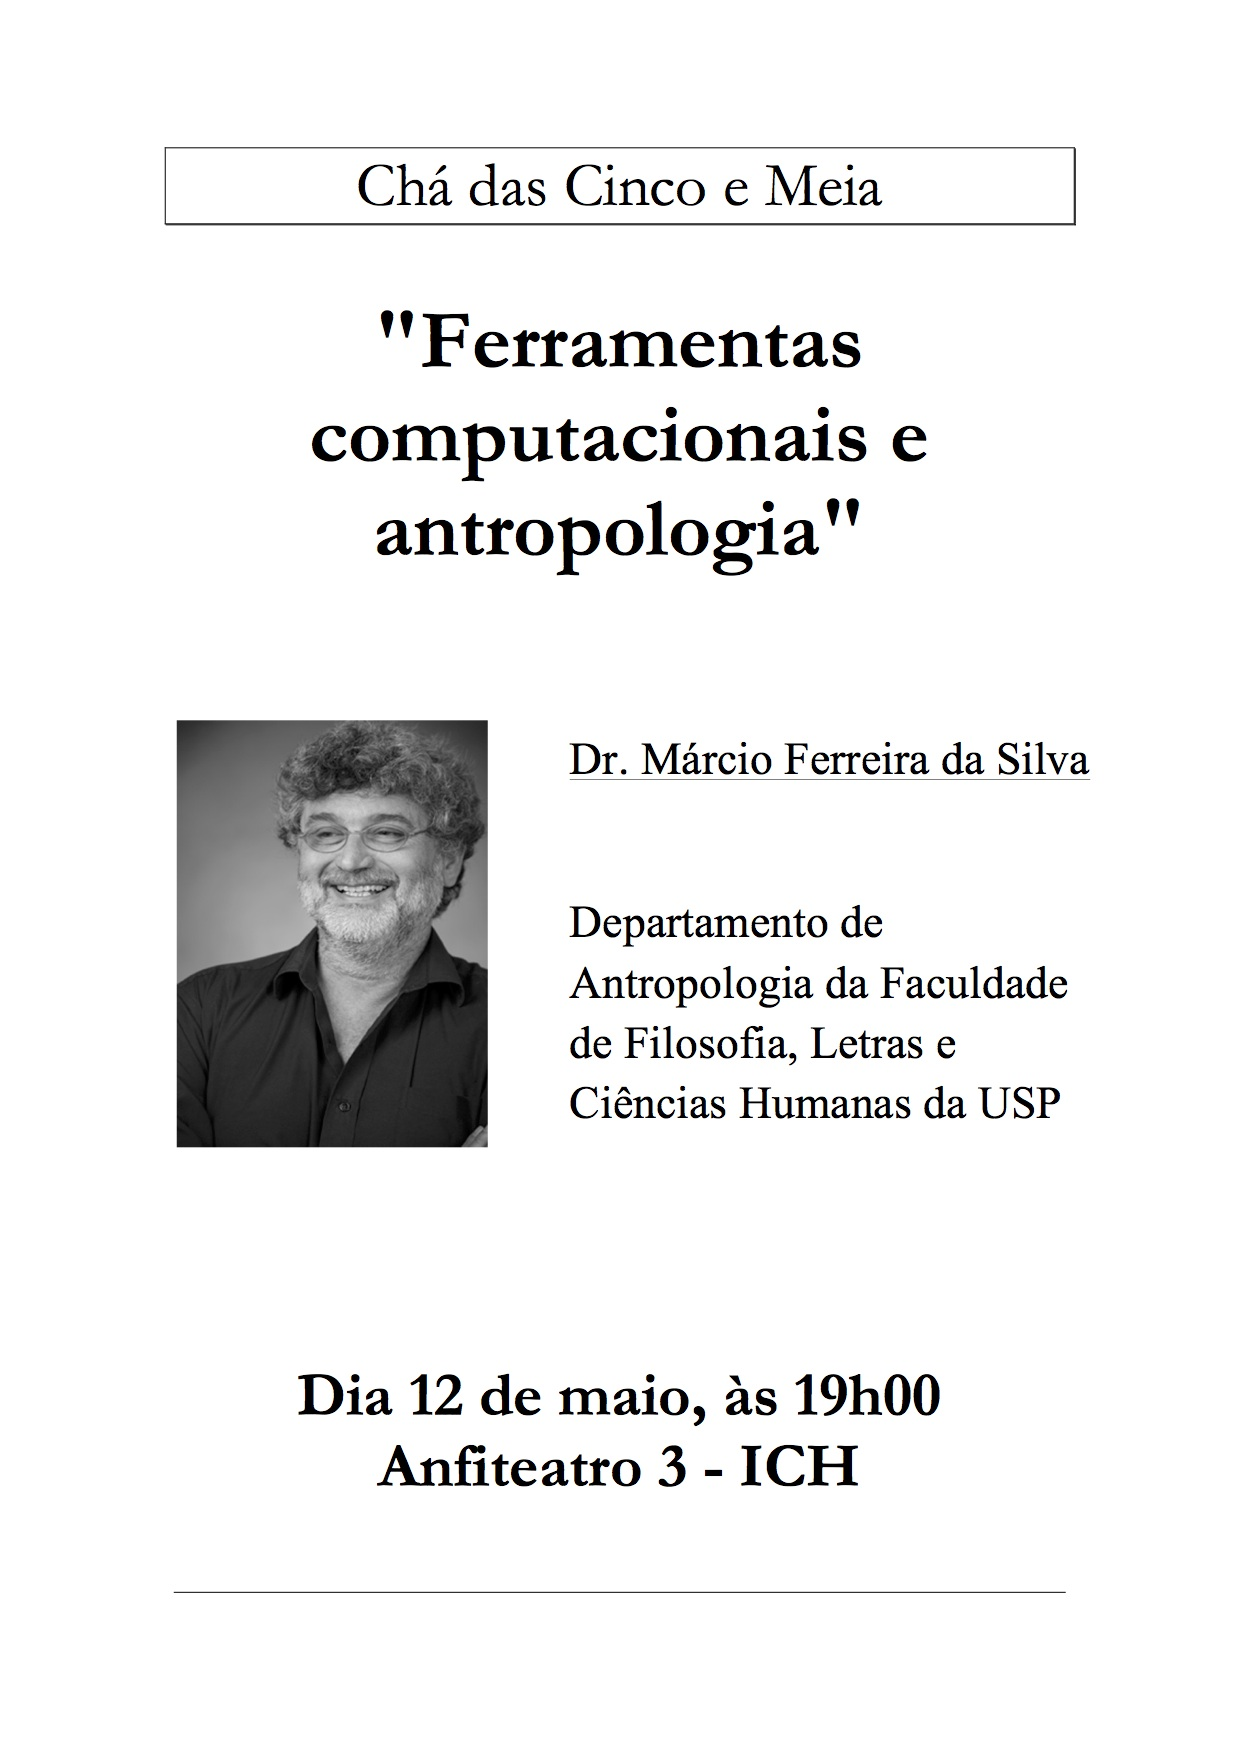 Cartaz Chá 12-05-14 Marcio Silva